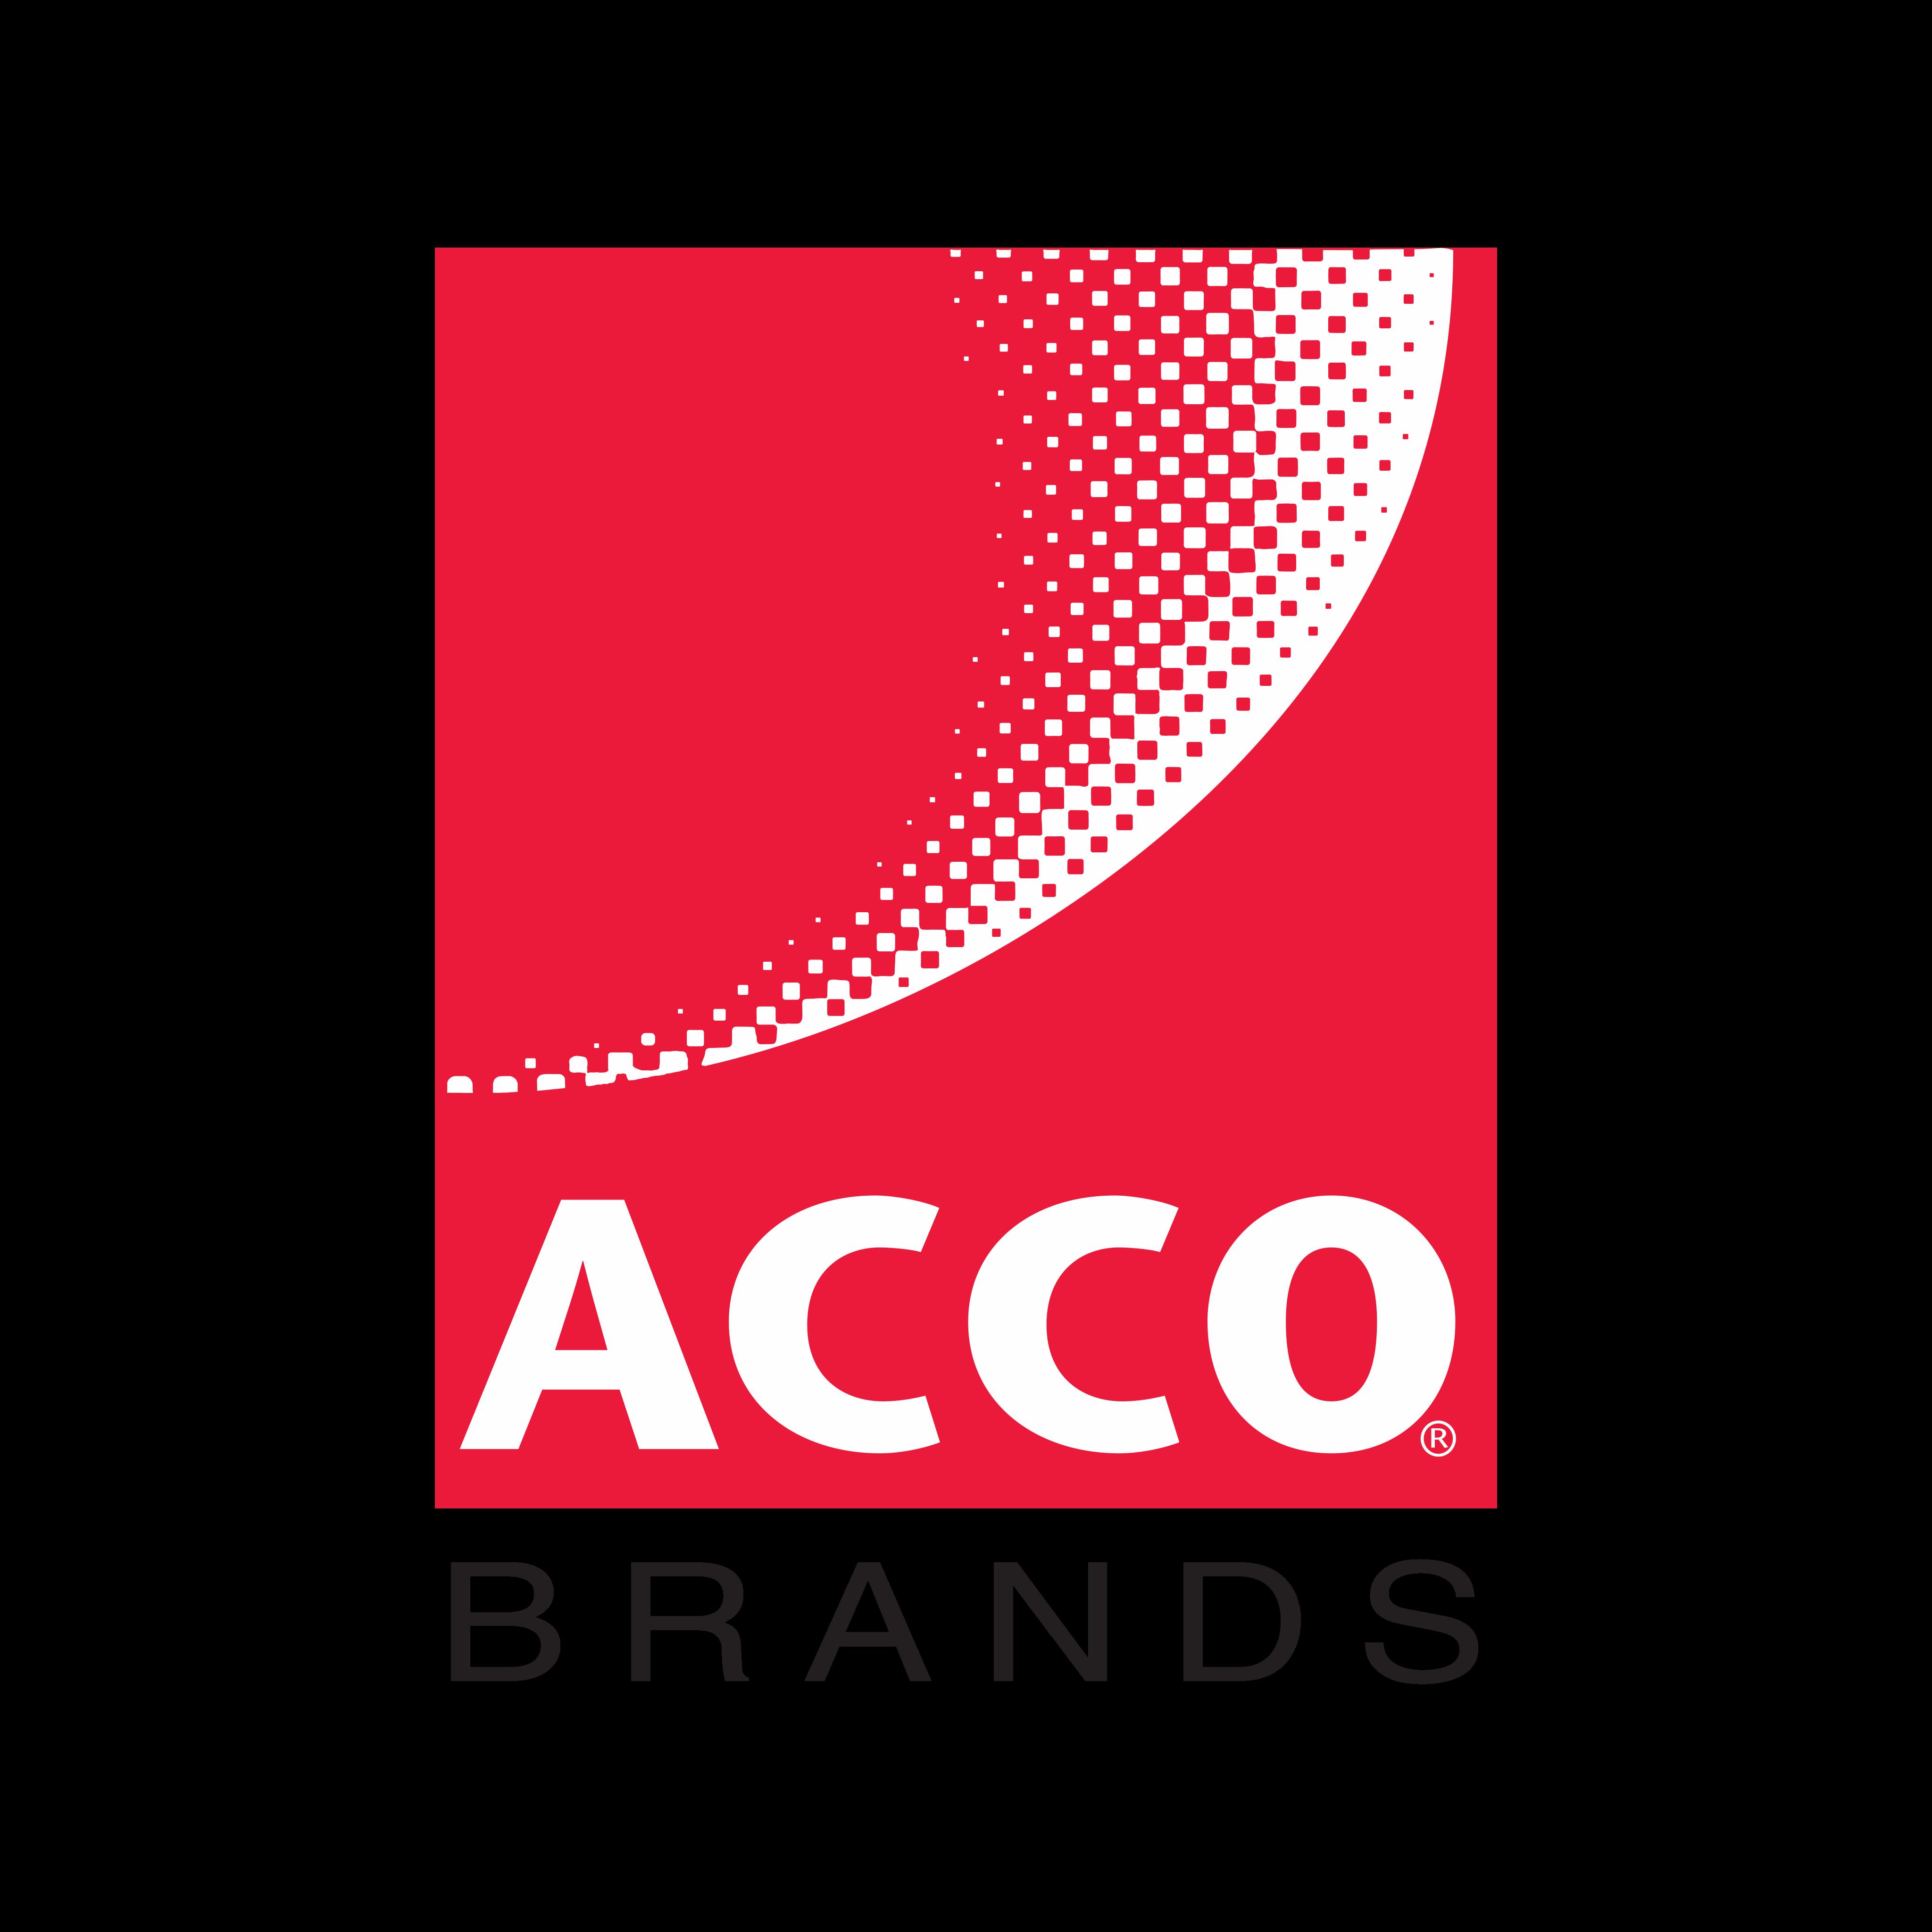 acco brands logo 0 - ACCO Brands Logo